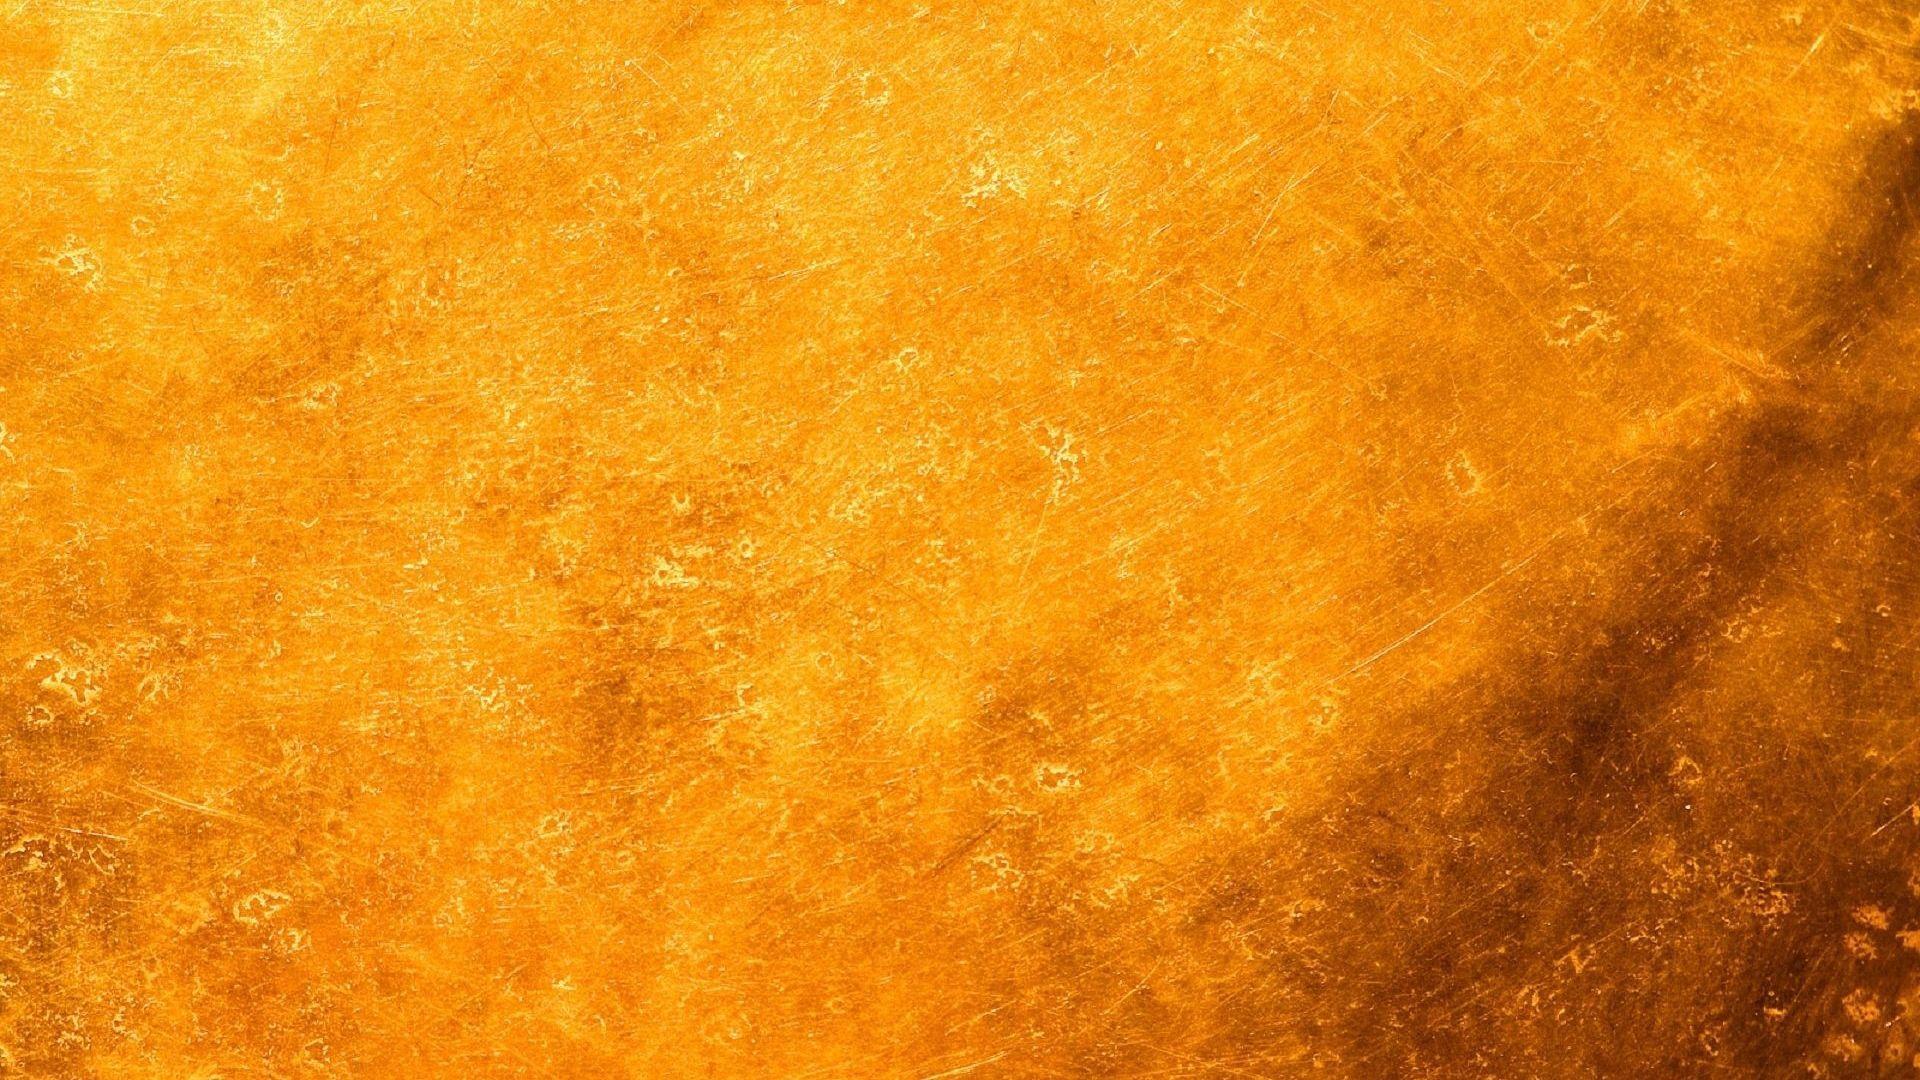 Orange Grunge Wallpapers - Top Free Orange Grunge Backgrounds ...